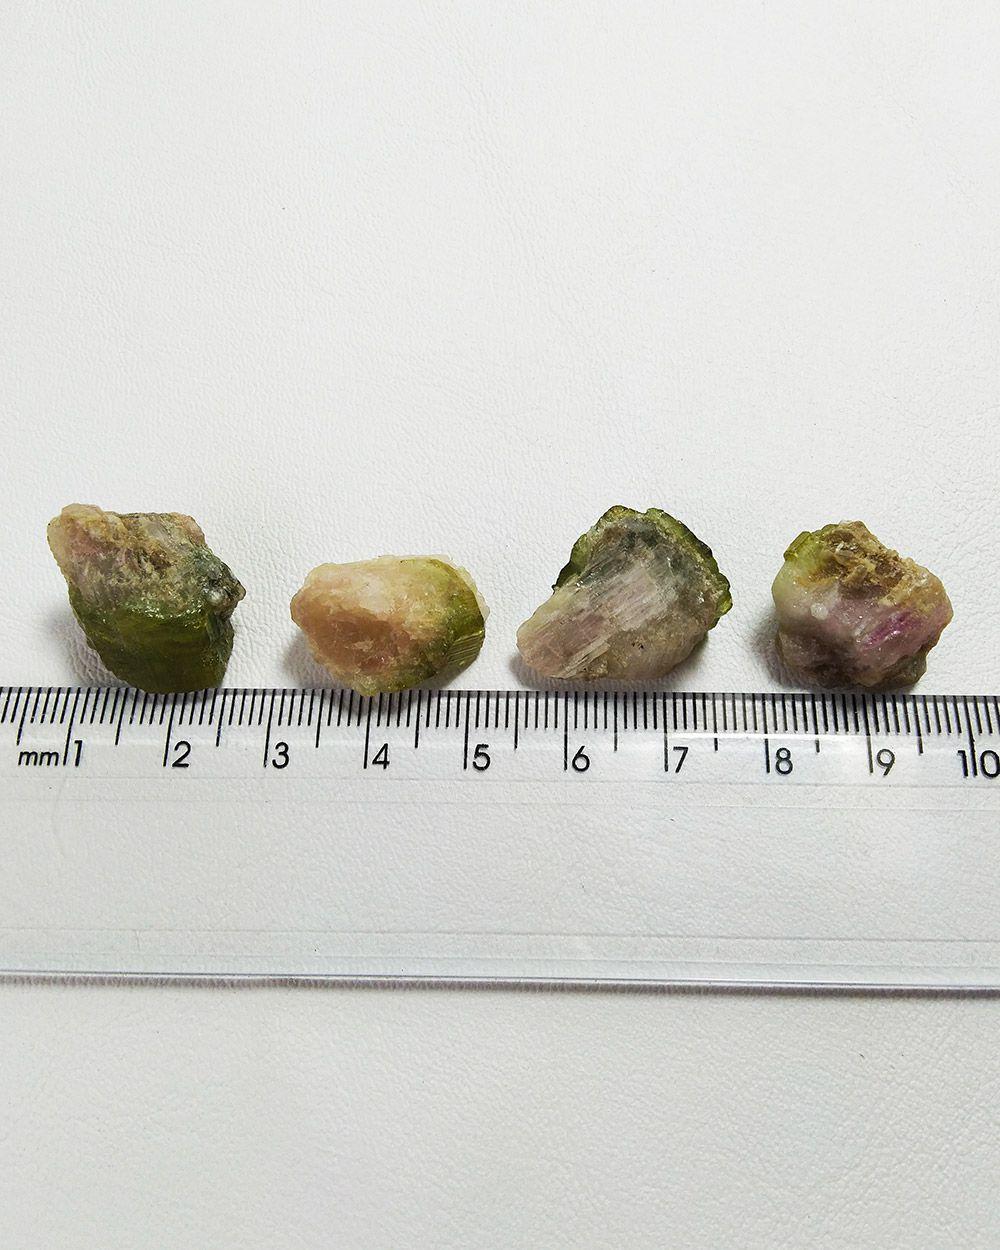 TURMALINA MELANCIA BRUTA - UNIDADE -  1 a 1,5 cm